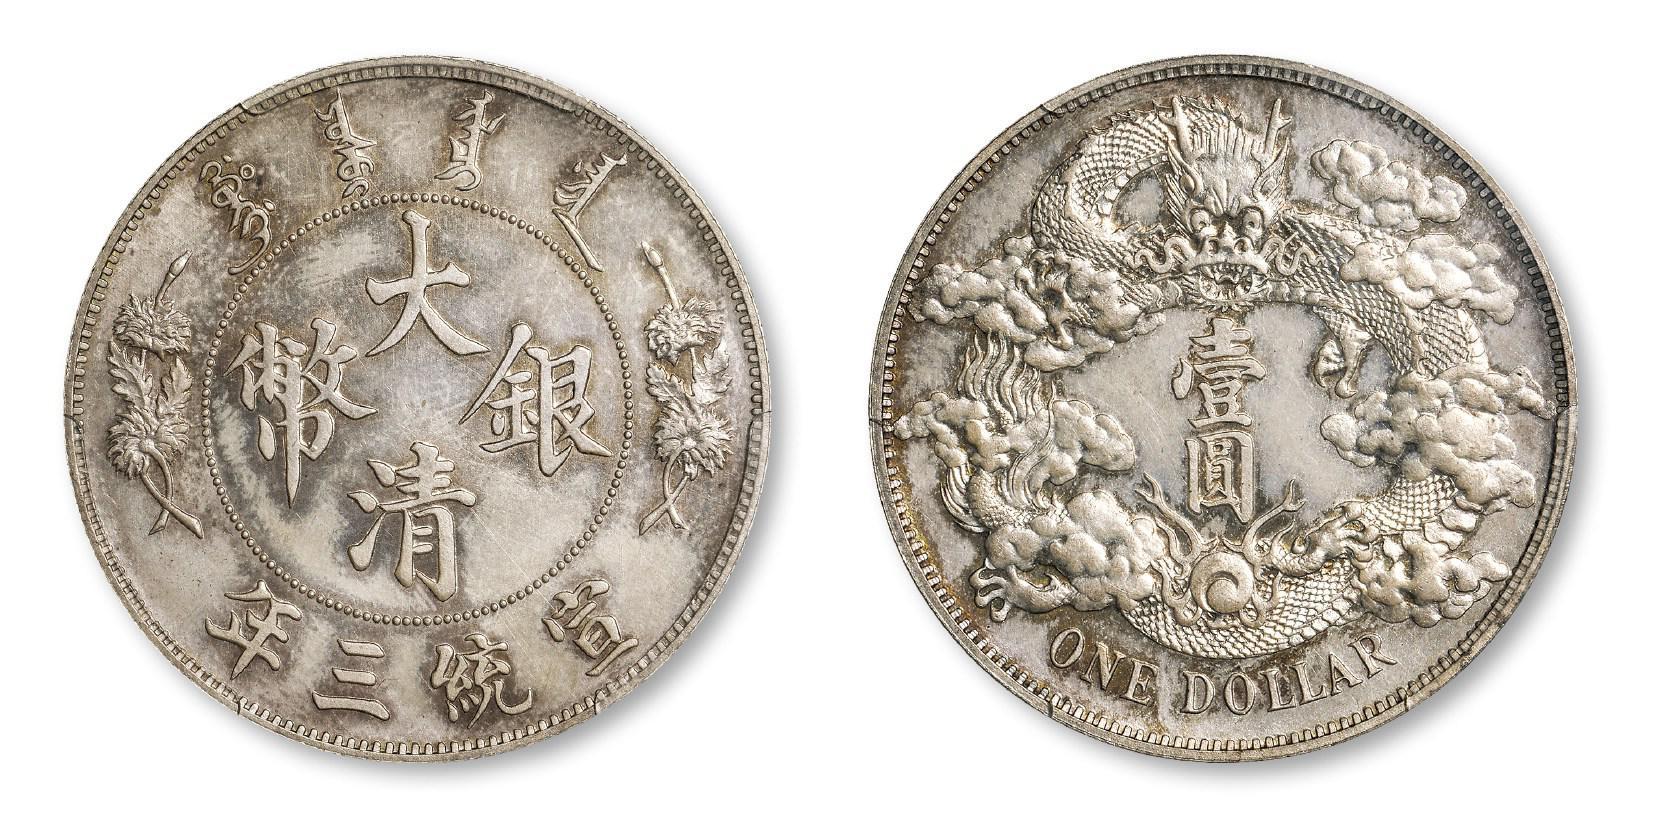 大清银币宣统元宝真伪鉴别及价格